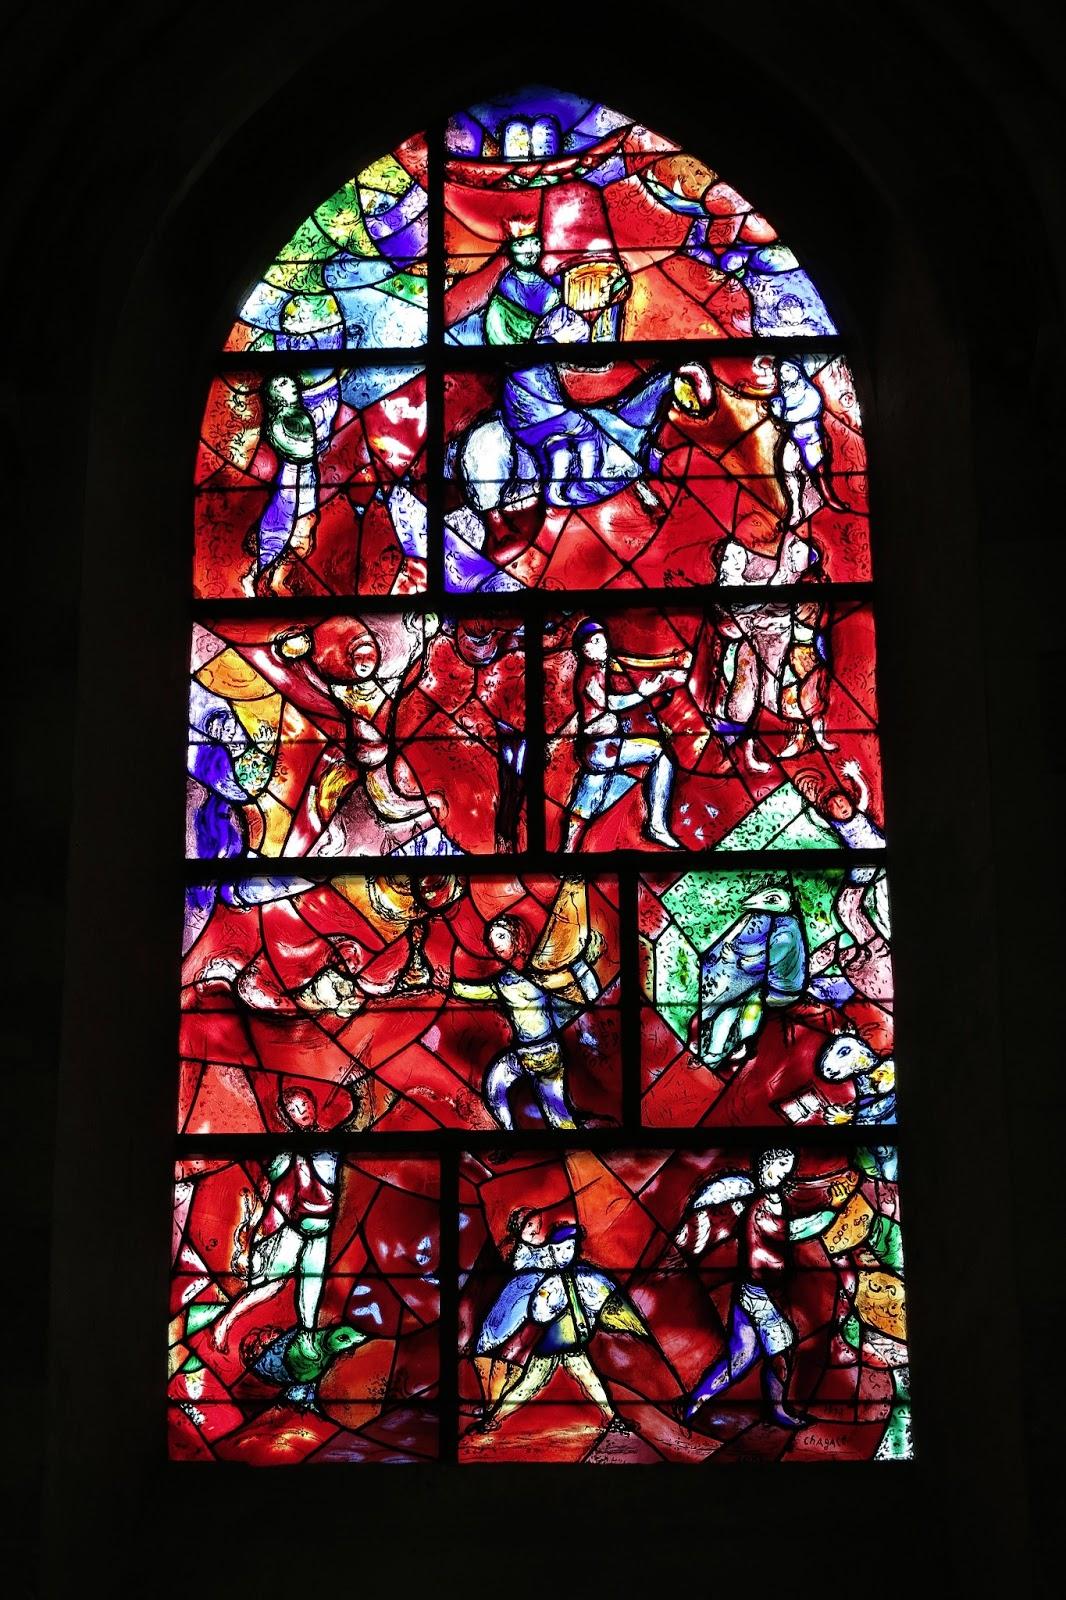 De Ontdekking van het Licht: juni 2013 Chagall Glas In Lood